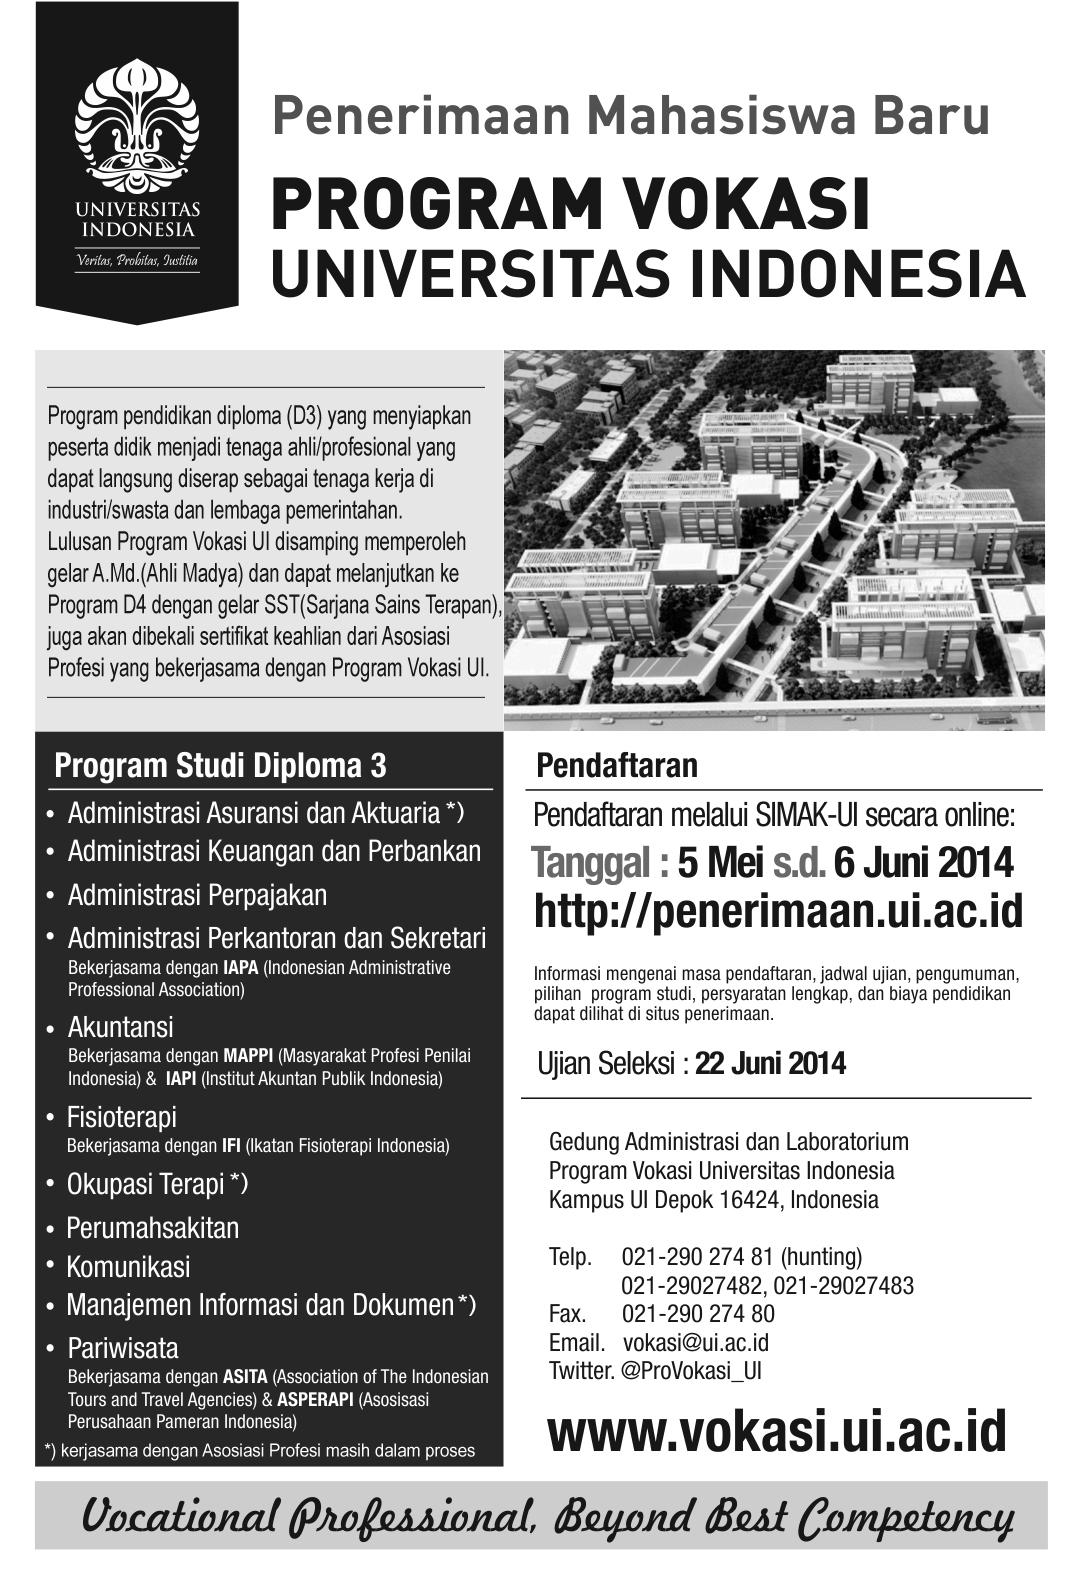 Penerimaan Mahasiswa Baru Program Vokasi Universitas Indonesia